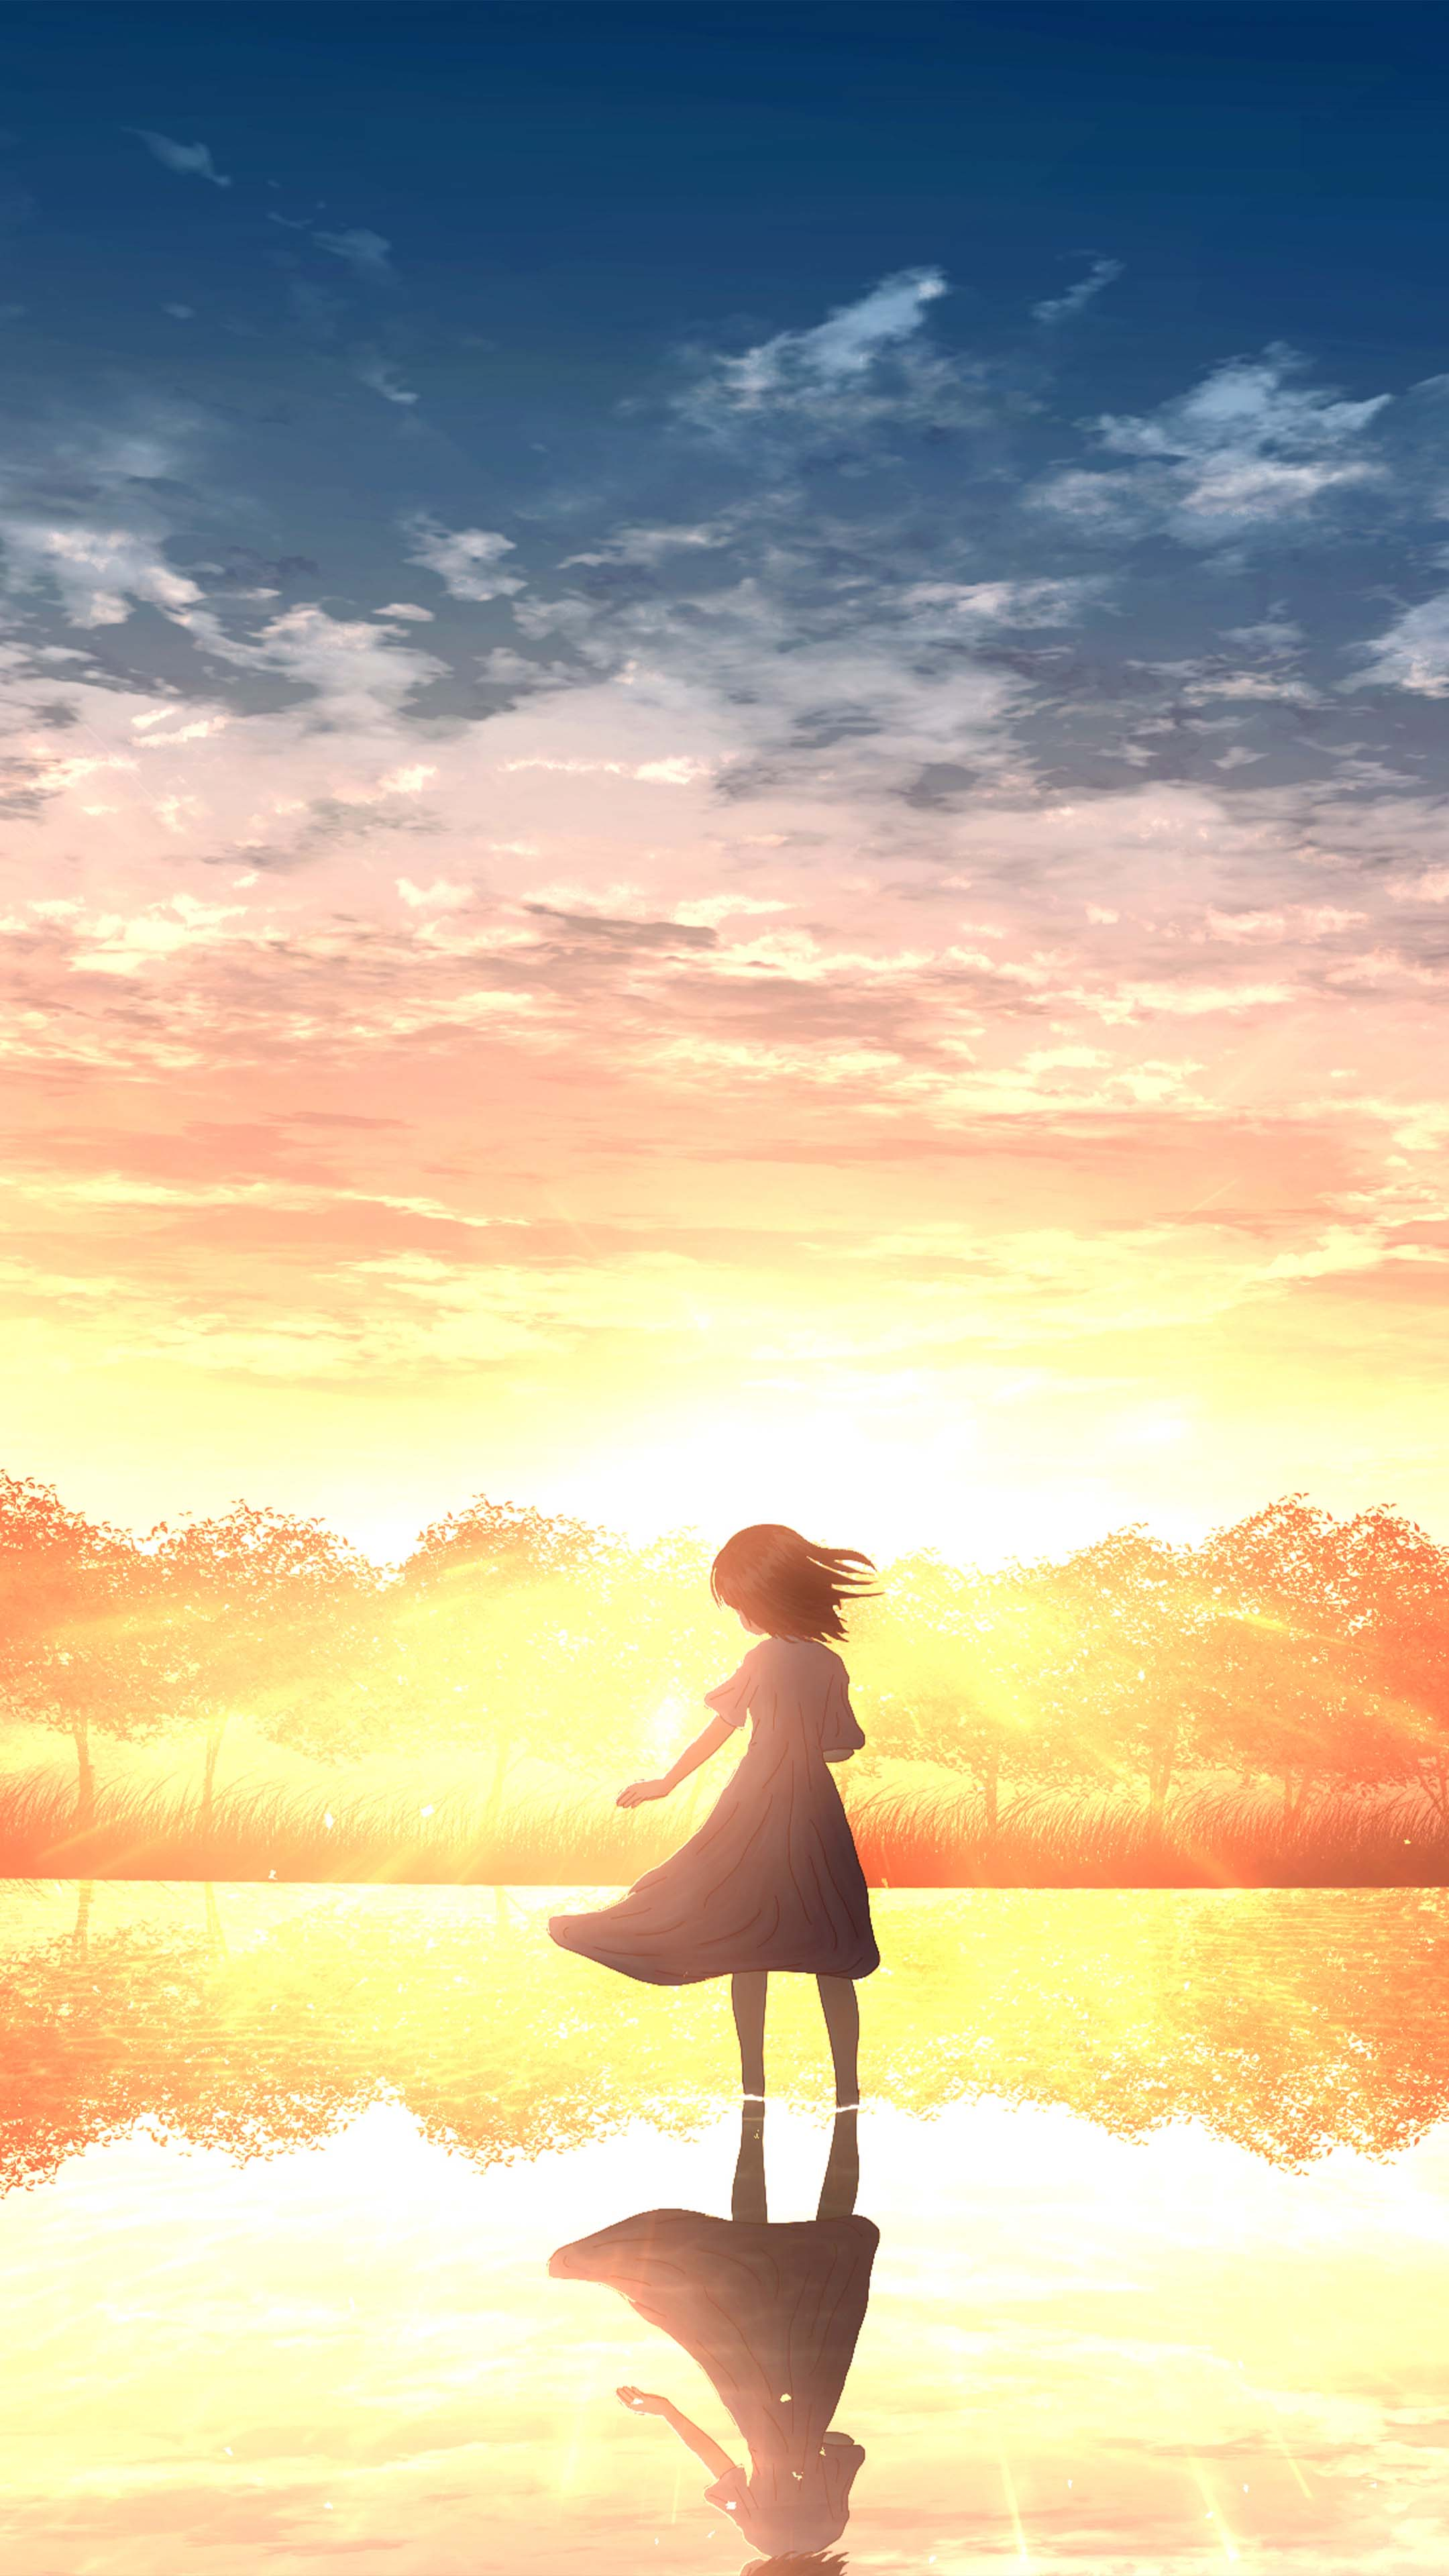 Anime Girl Sunset Free 4K Ultra HD Mobile Wallpaper